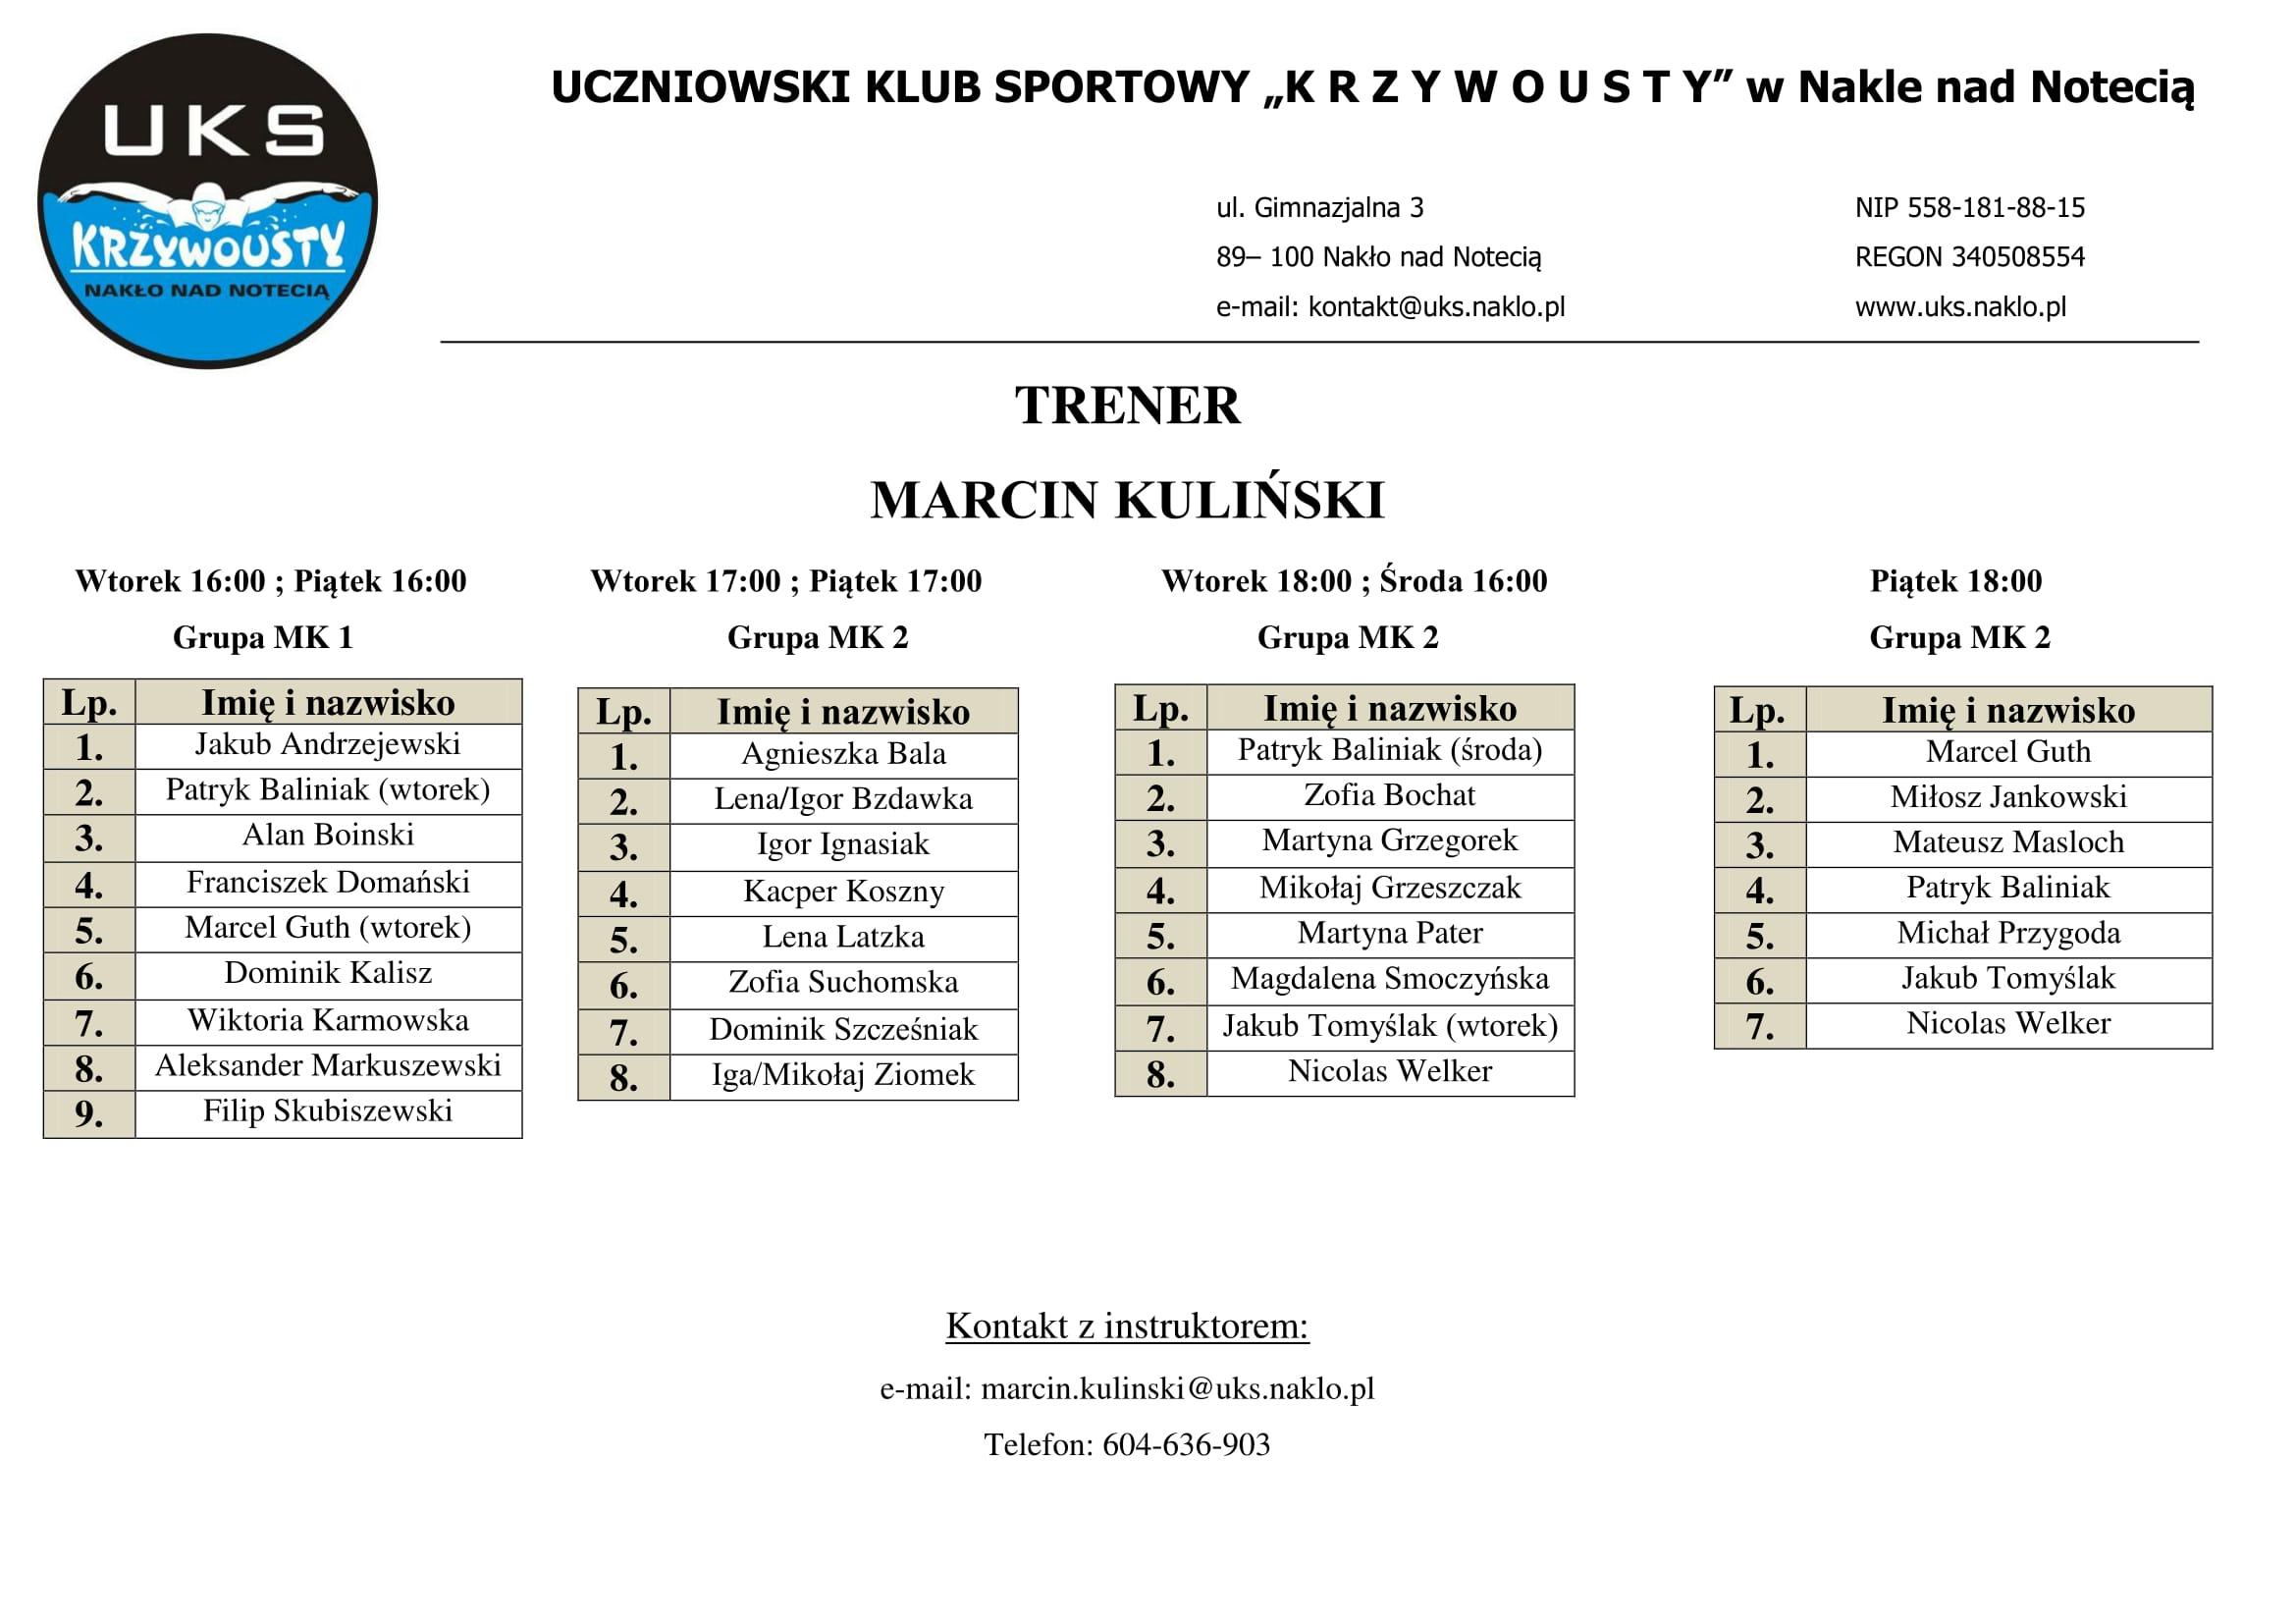 marcin-kulinski-1-1